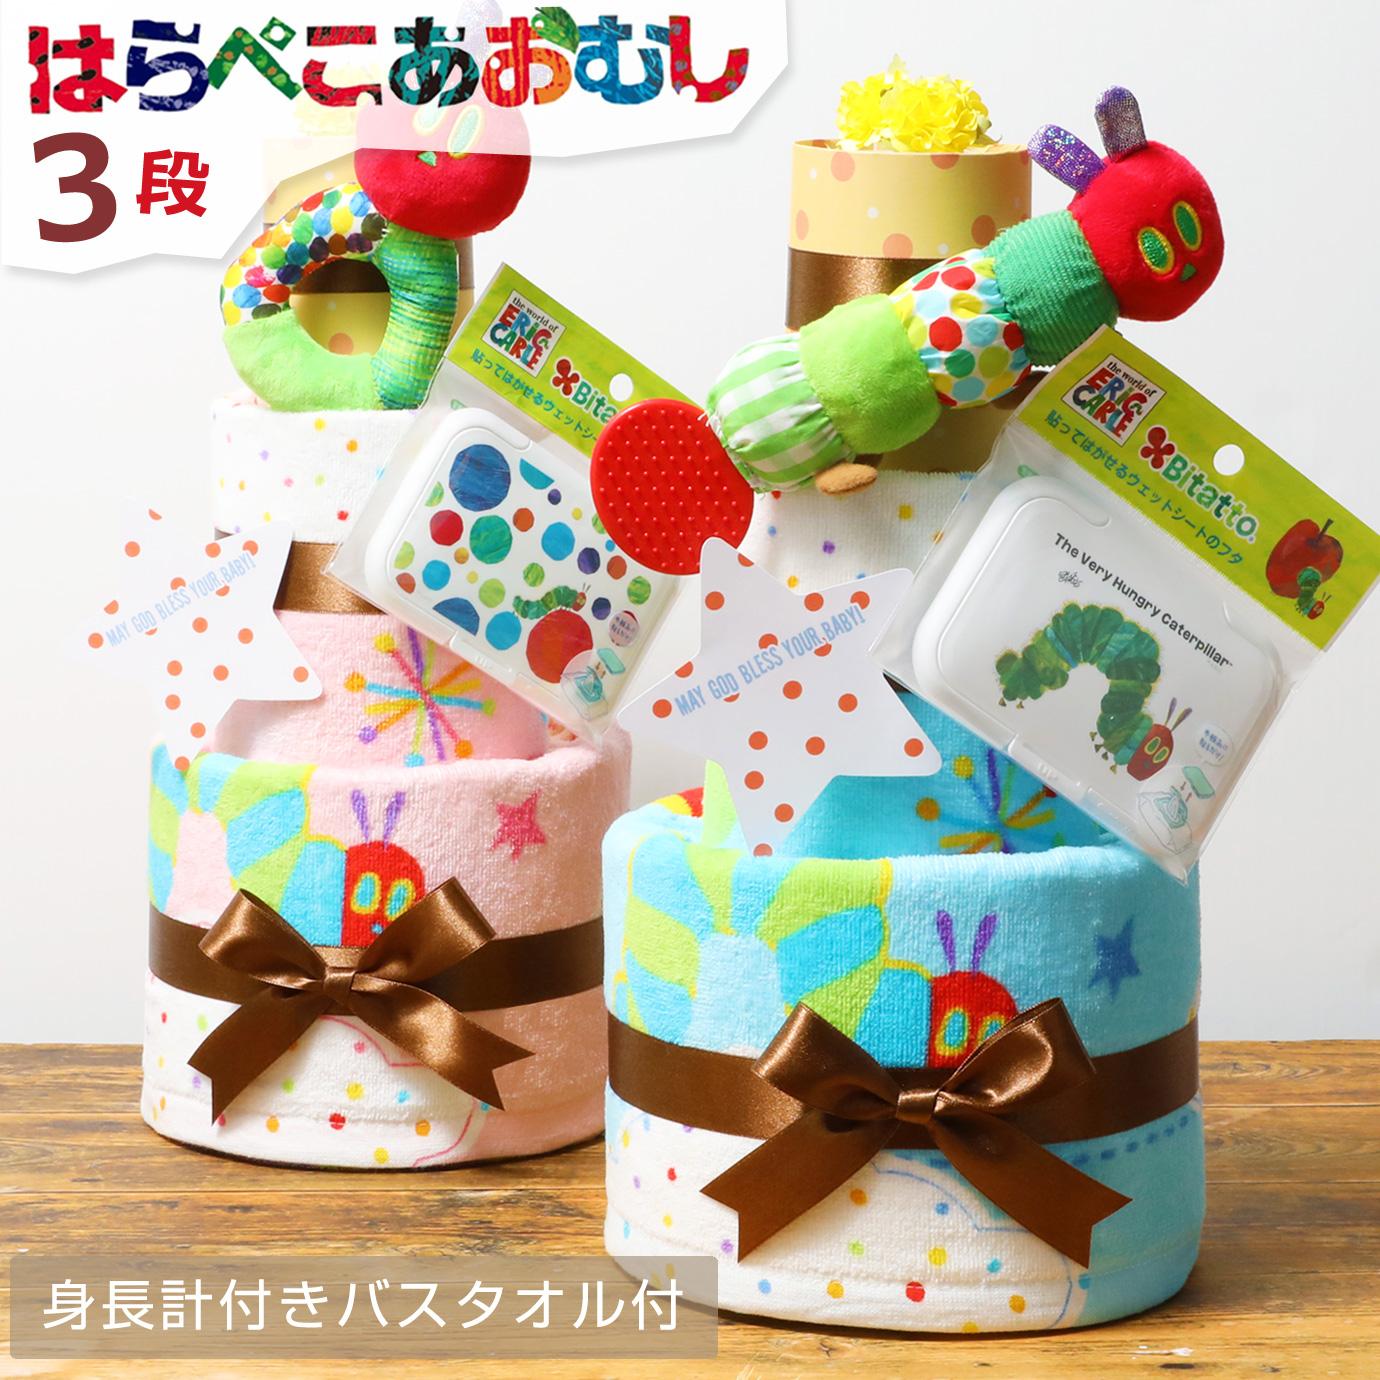 出産祝い!2人目・3人目でも相手が困らないプレゼントのおすすめは?